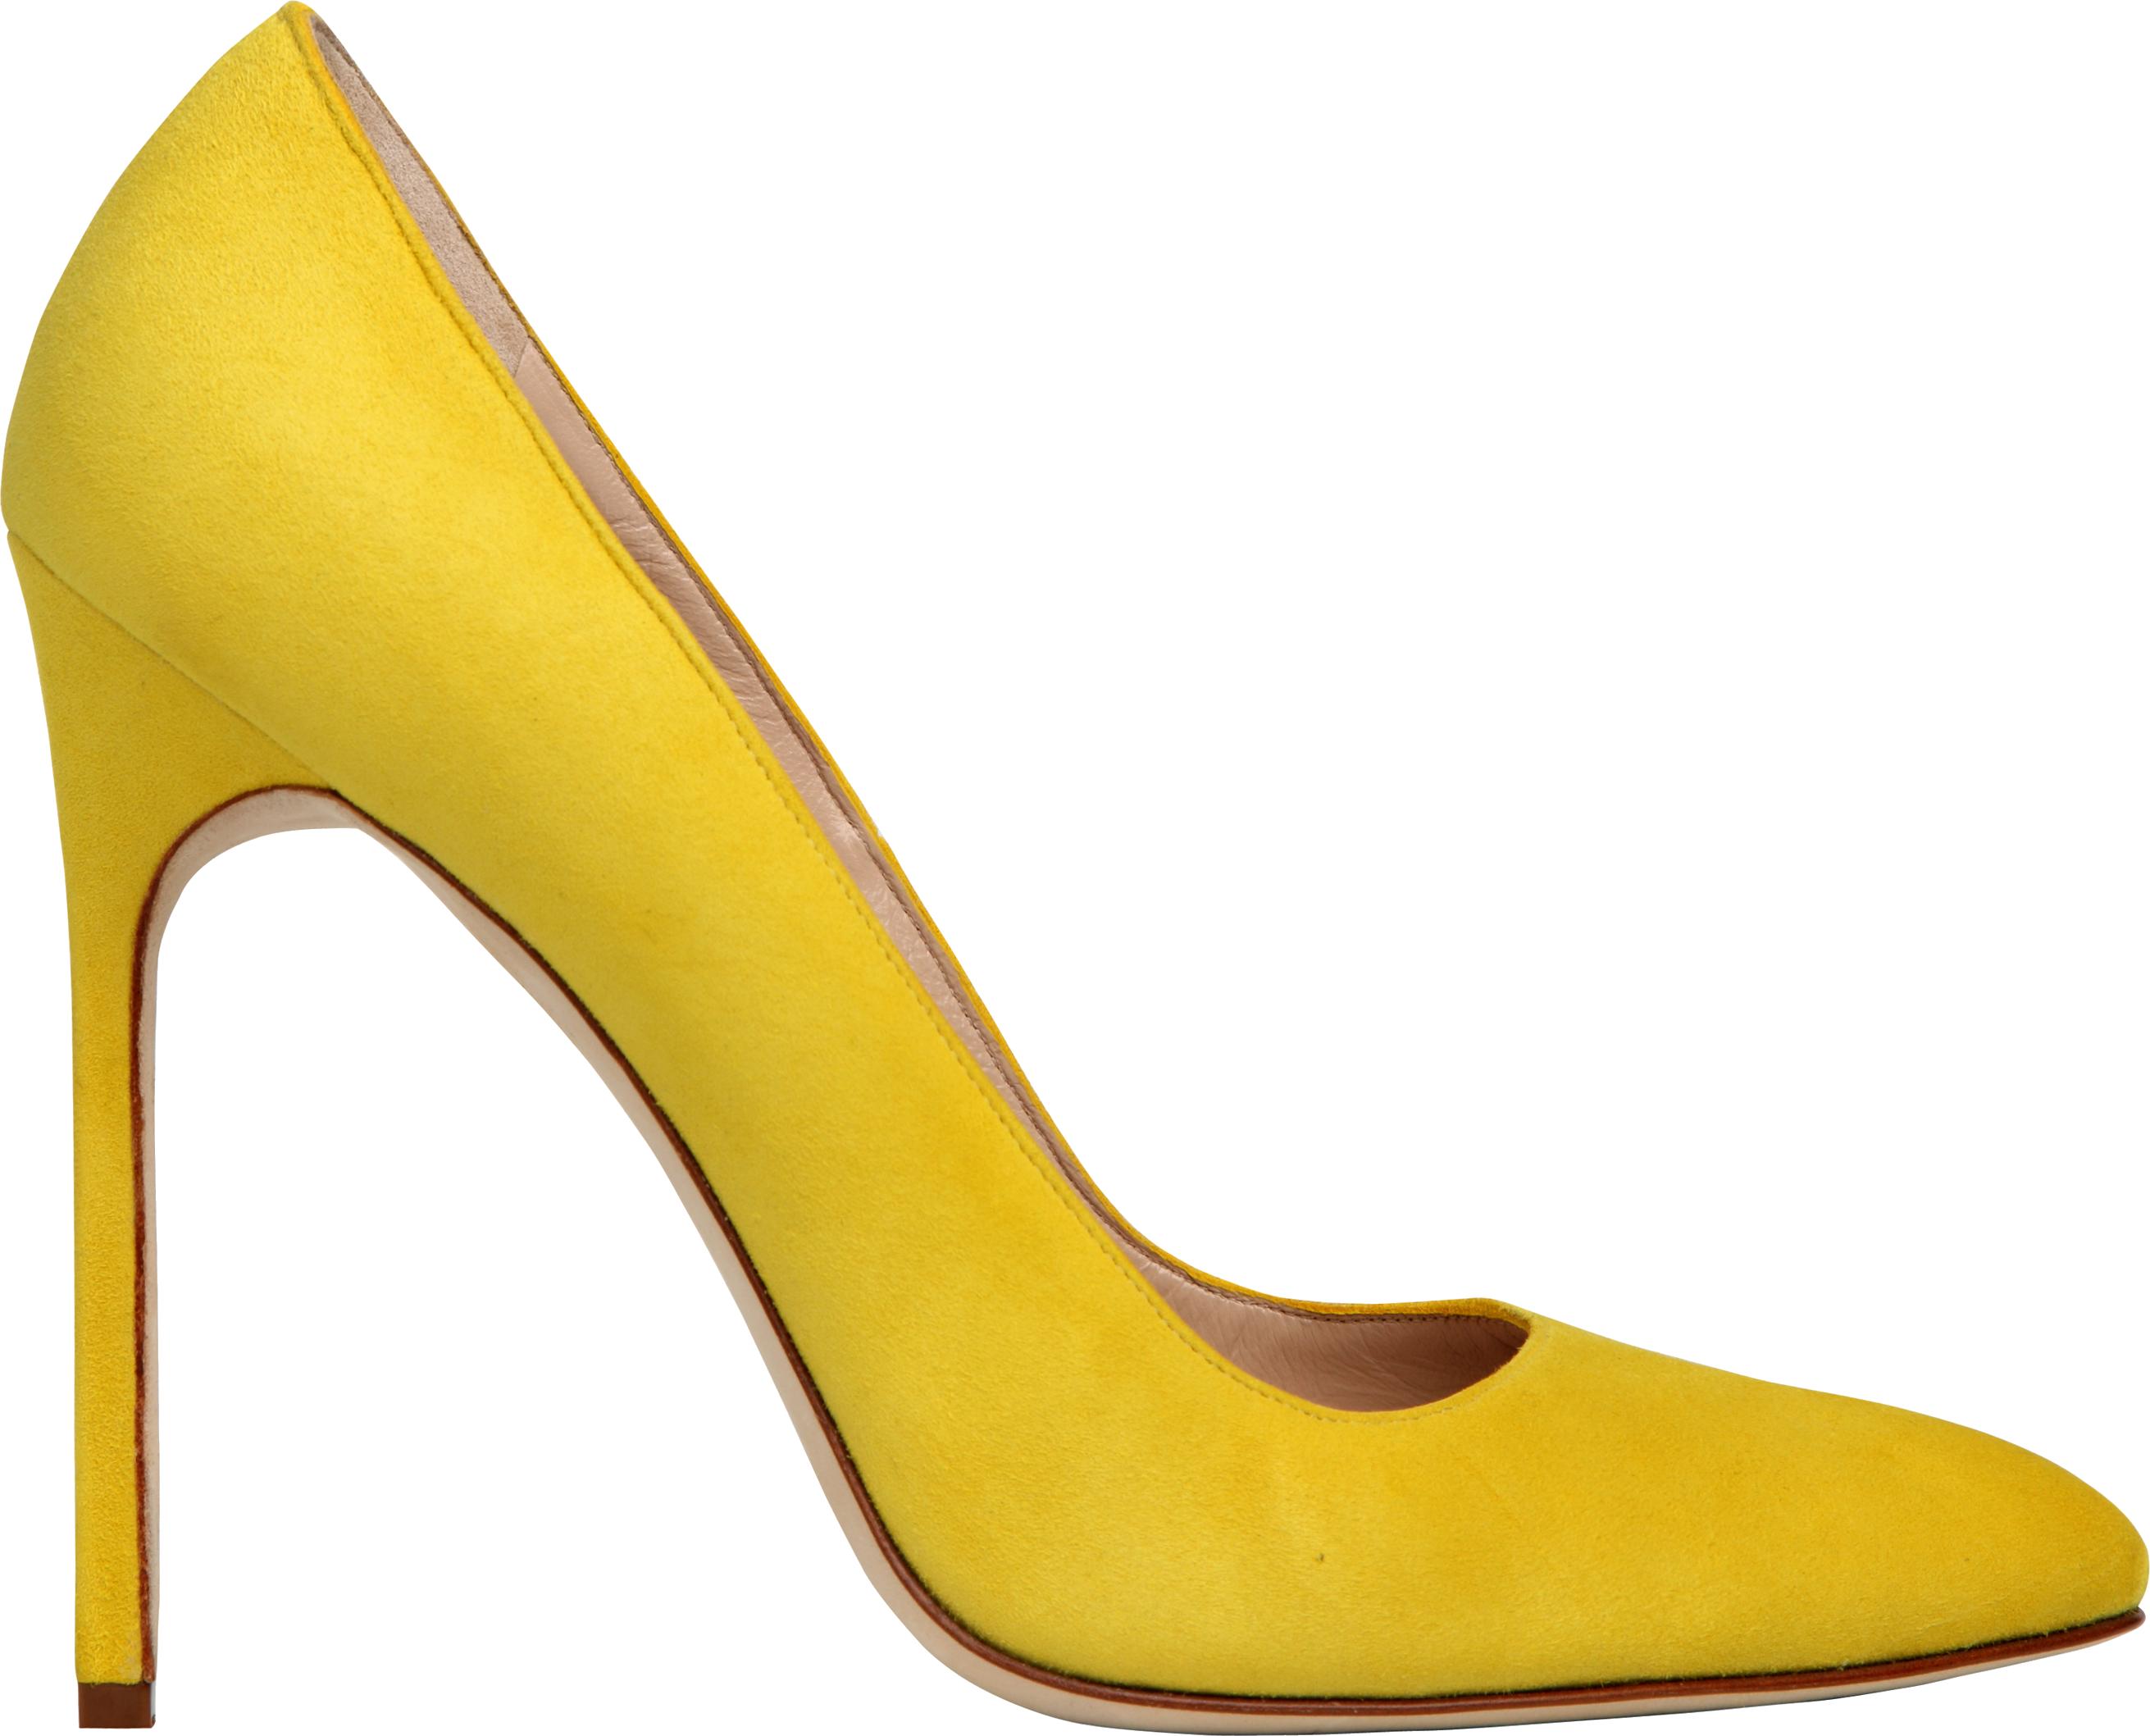 Yellow Women Shoe Png Image Yellow Heels Women Shoes Shoes